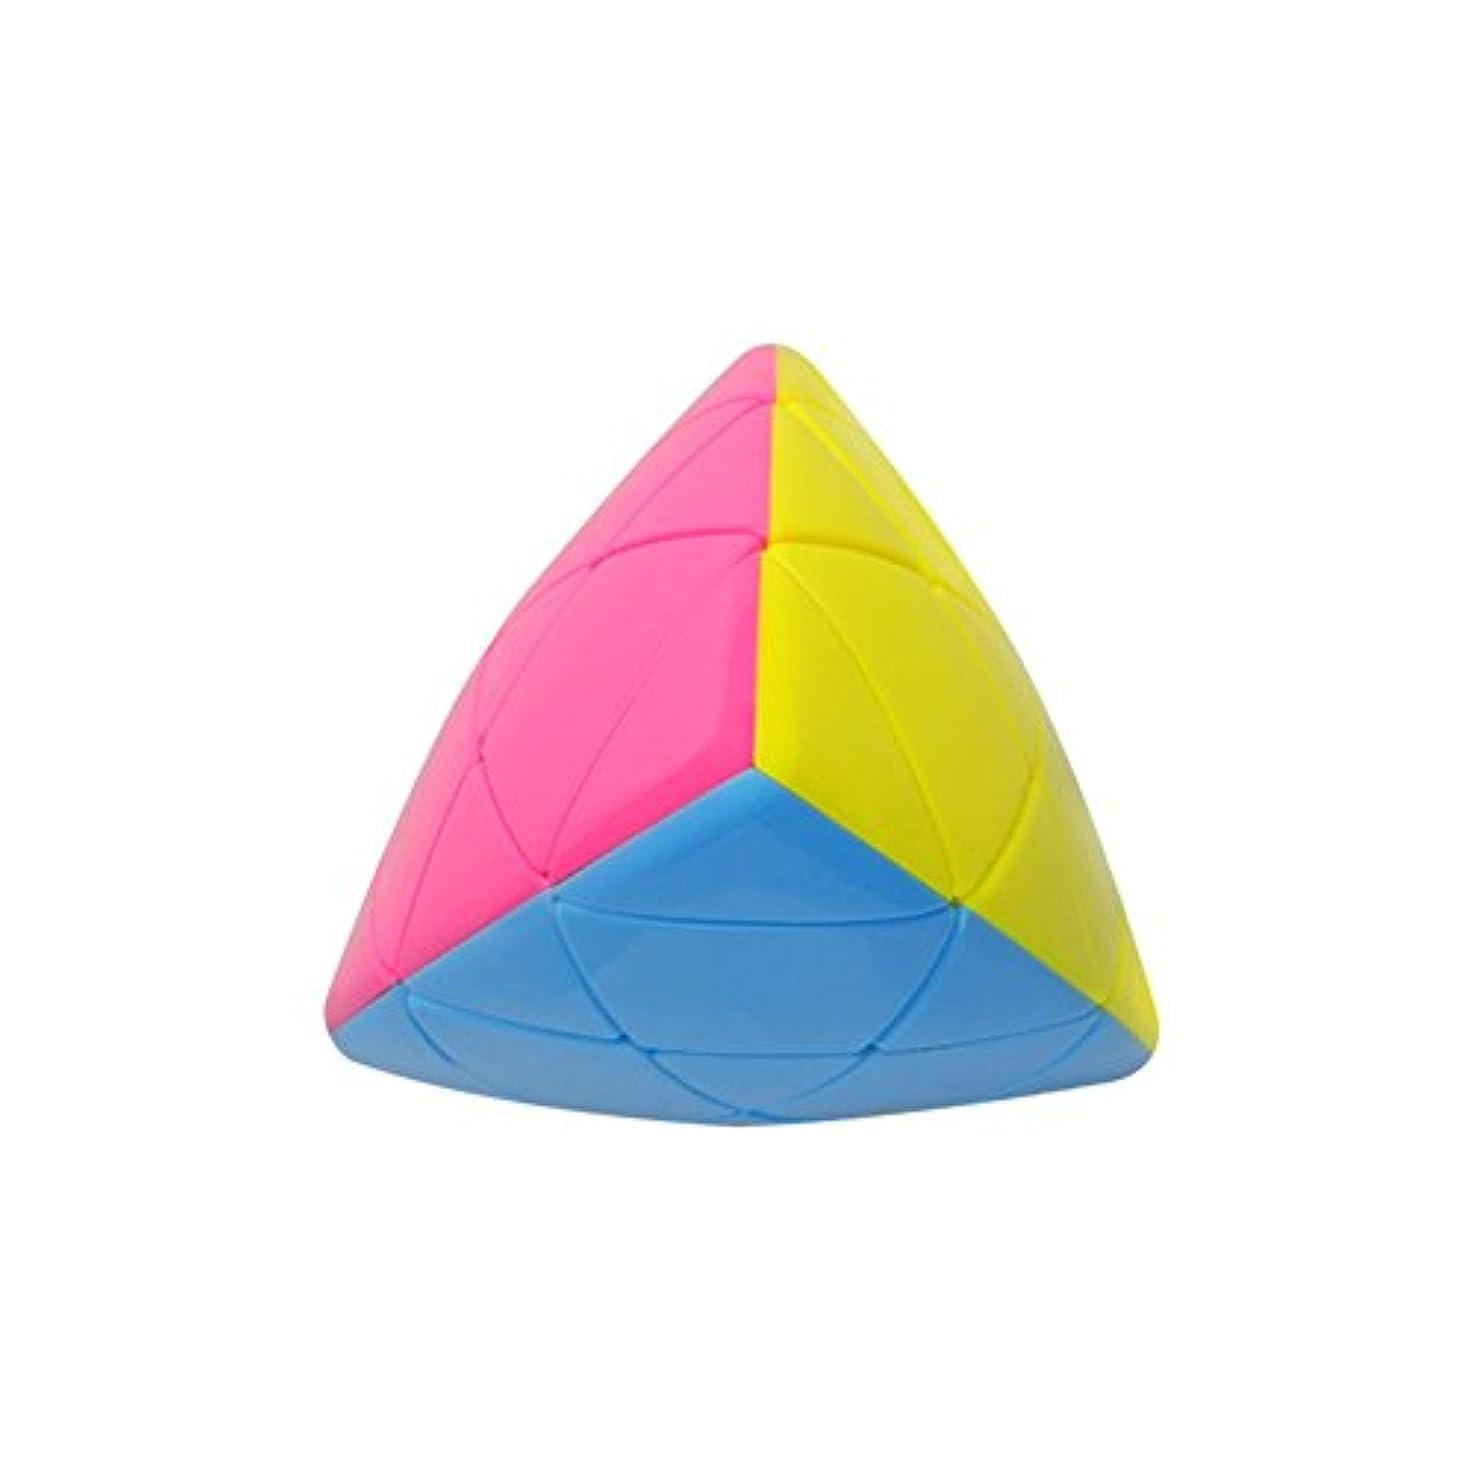 スパン開示する神経衰弱Qiyunポケットキューブ2 x 2 Skewbポケットキューブ2層4面体パズルキューブBrain Teaserマジックキューブ